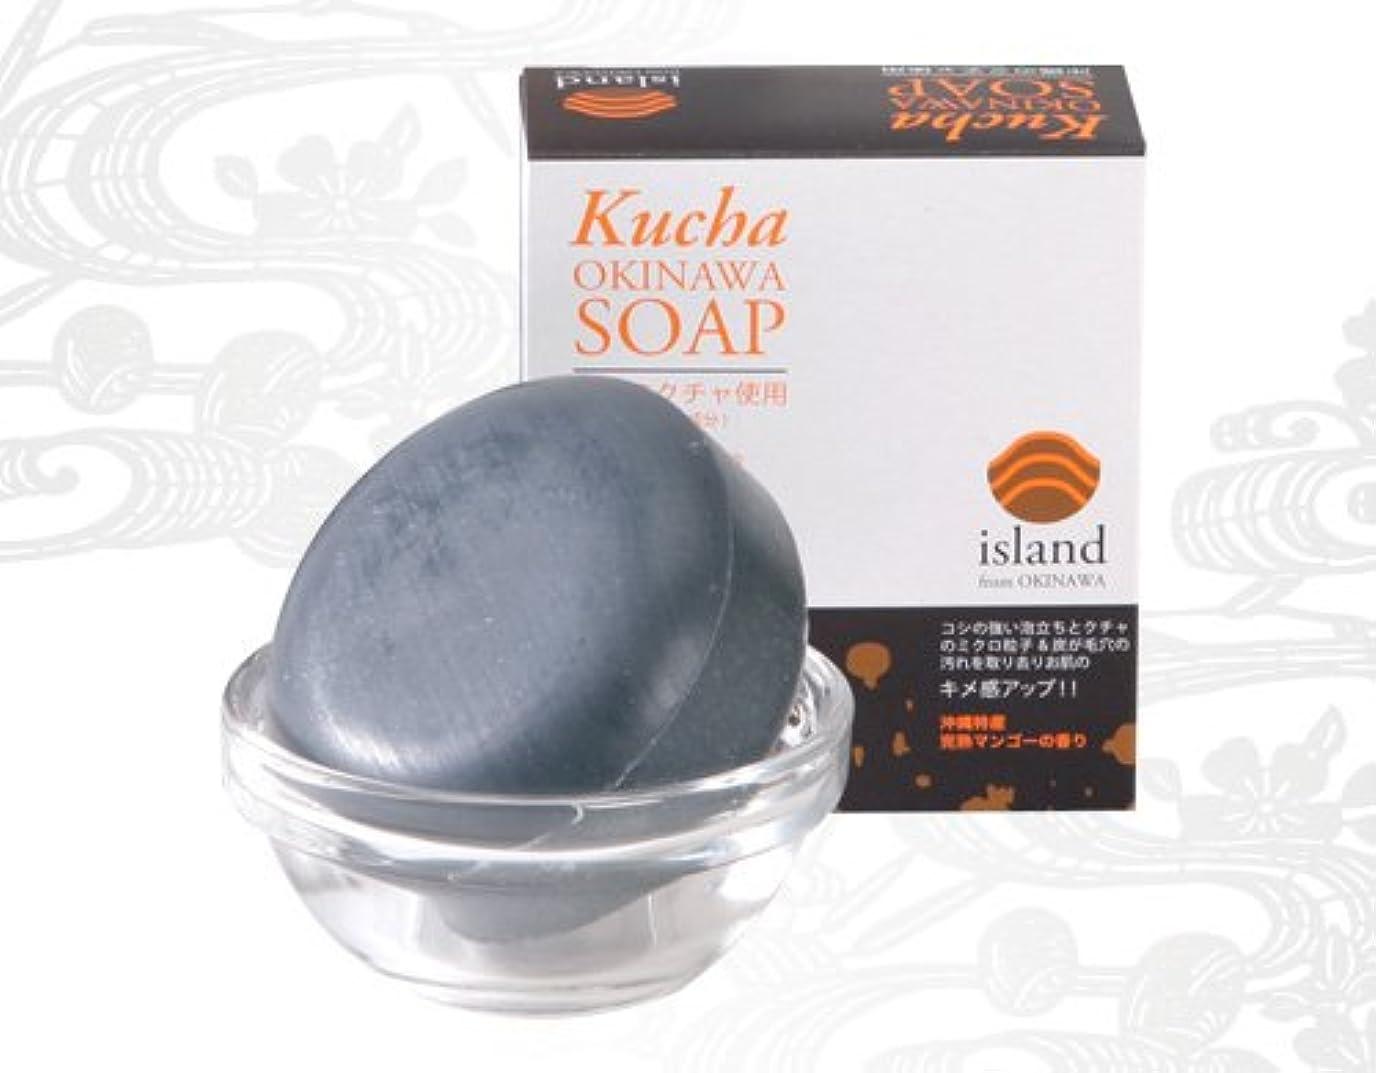 不利はいアクセサリーくちゃ OKINAWA SOAP 90g×3個 アイランド 沖縄特産「くちゃ」配合の無添加石けん ミクロの泥で毛穴スッキリ、つるつる素肌!